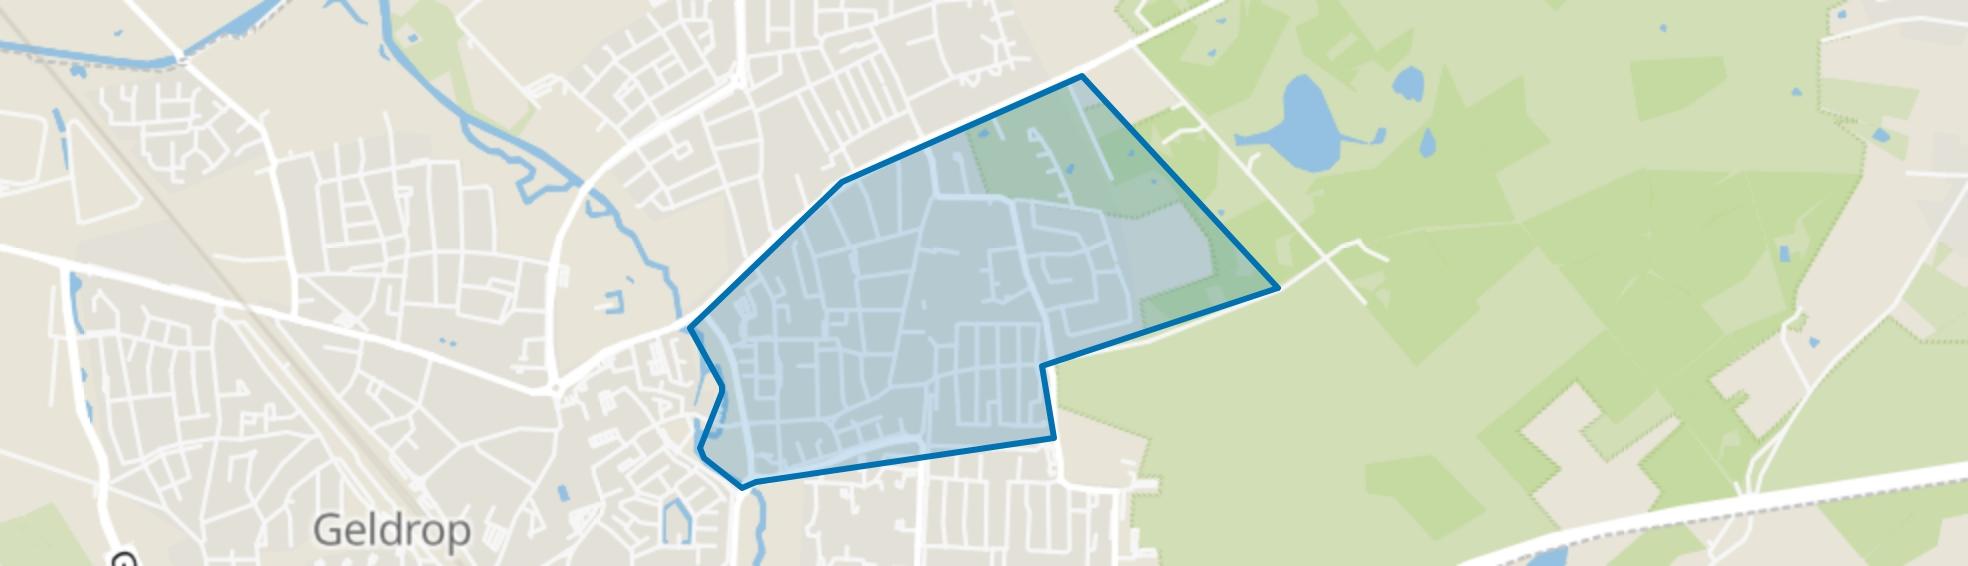 Braakhuizen-Zuid, Geldrop map